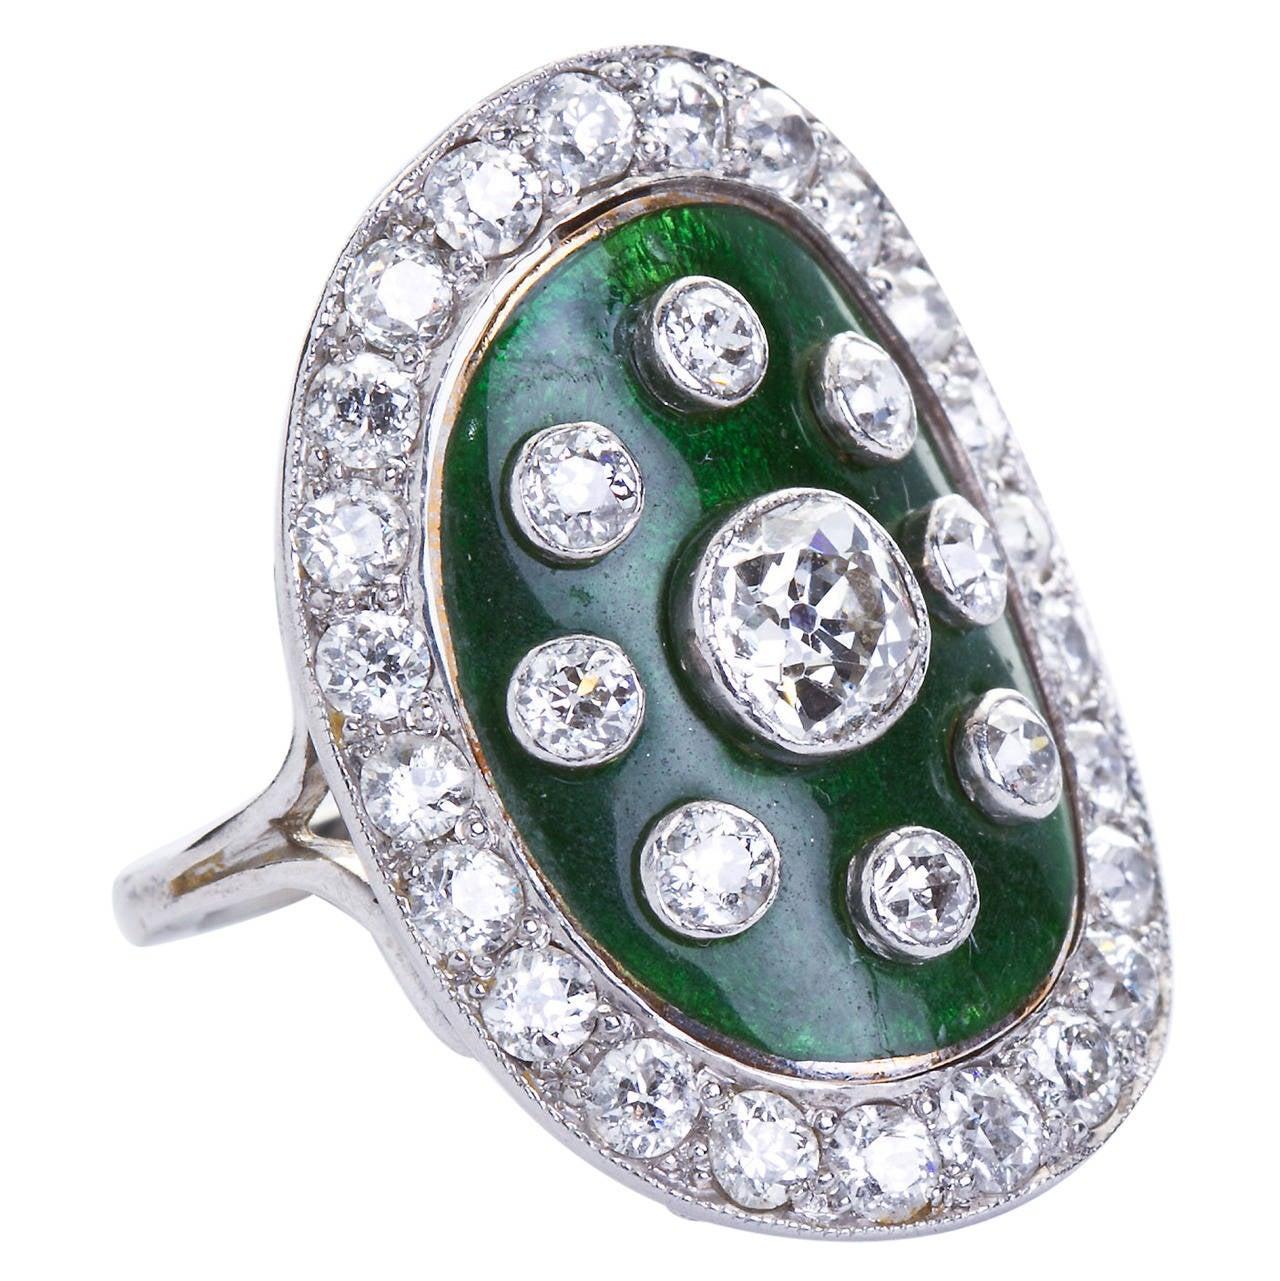 art deco green enamel cloisonne diamond cocktail ring for sale at 1stdibs. Black Bedroom Furniture Sets. Home Design Ideas